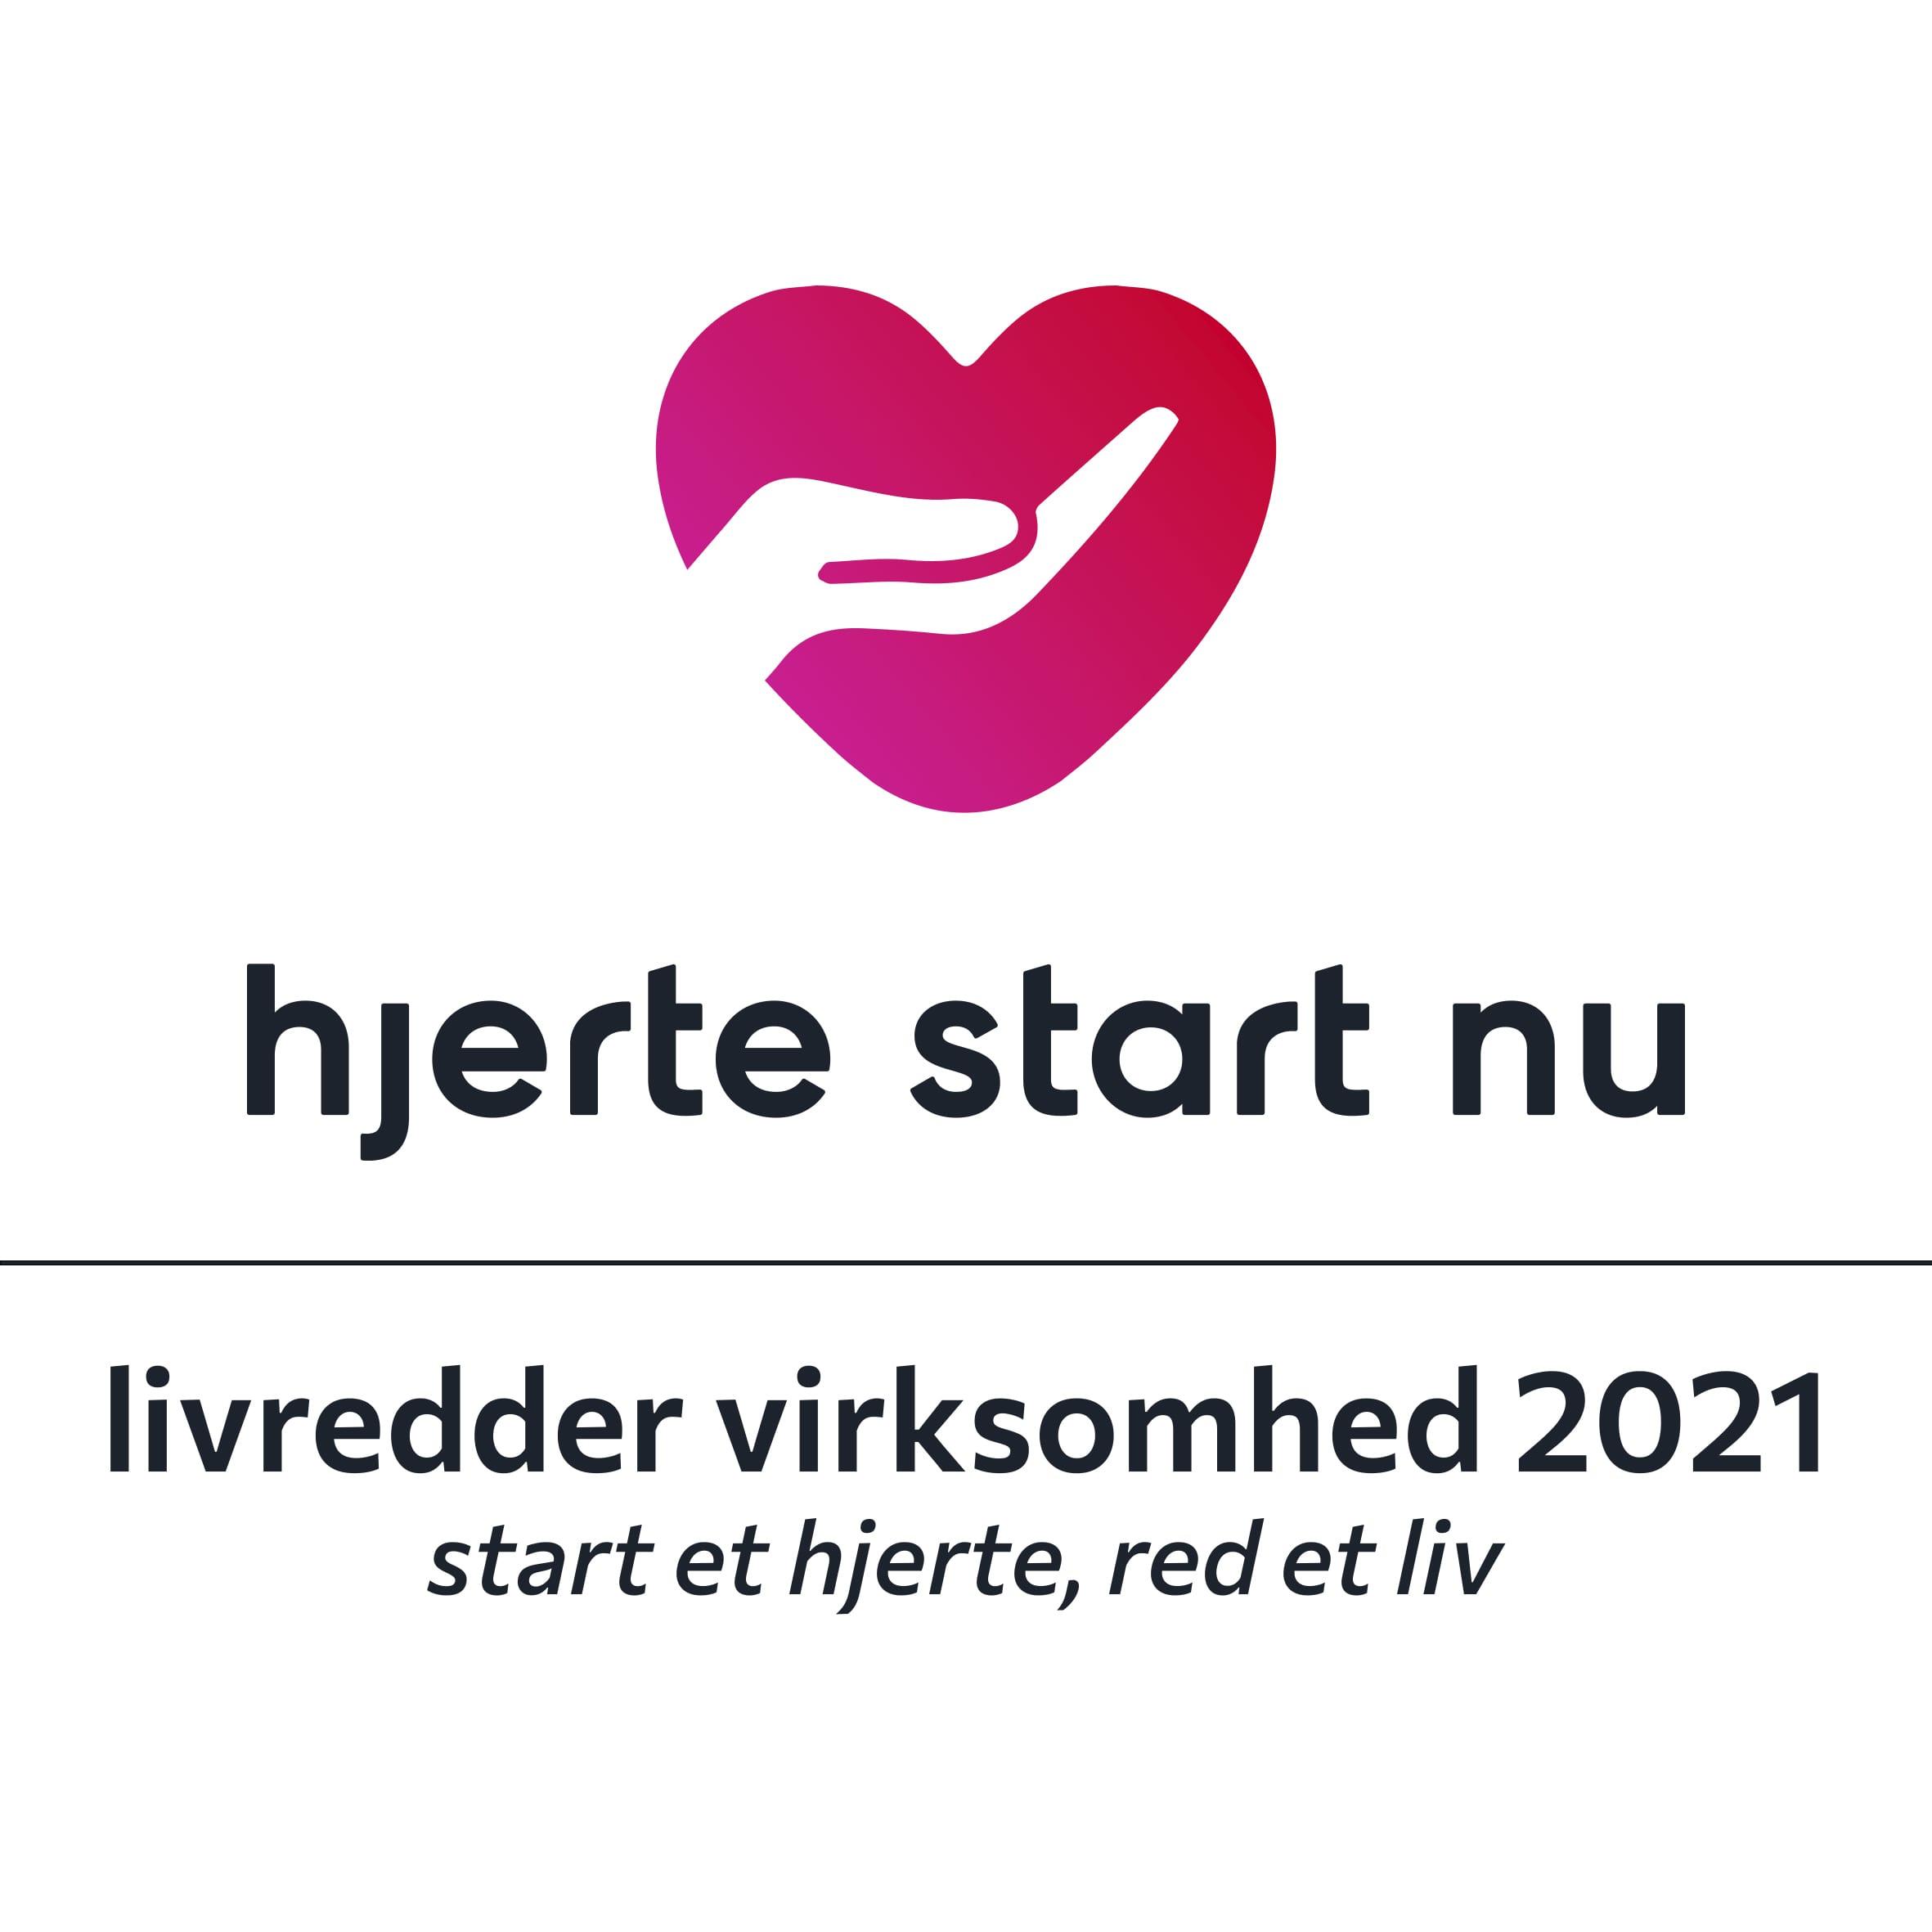 Livredder virksomhed 2021